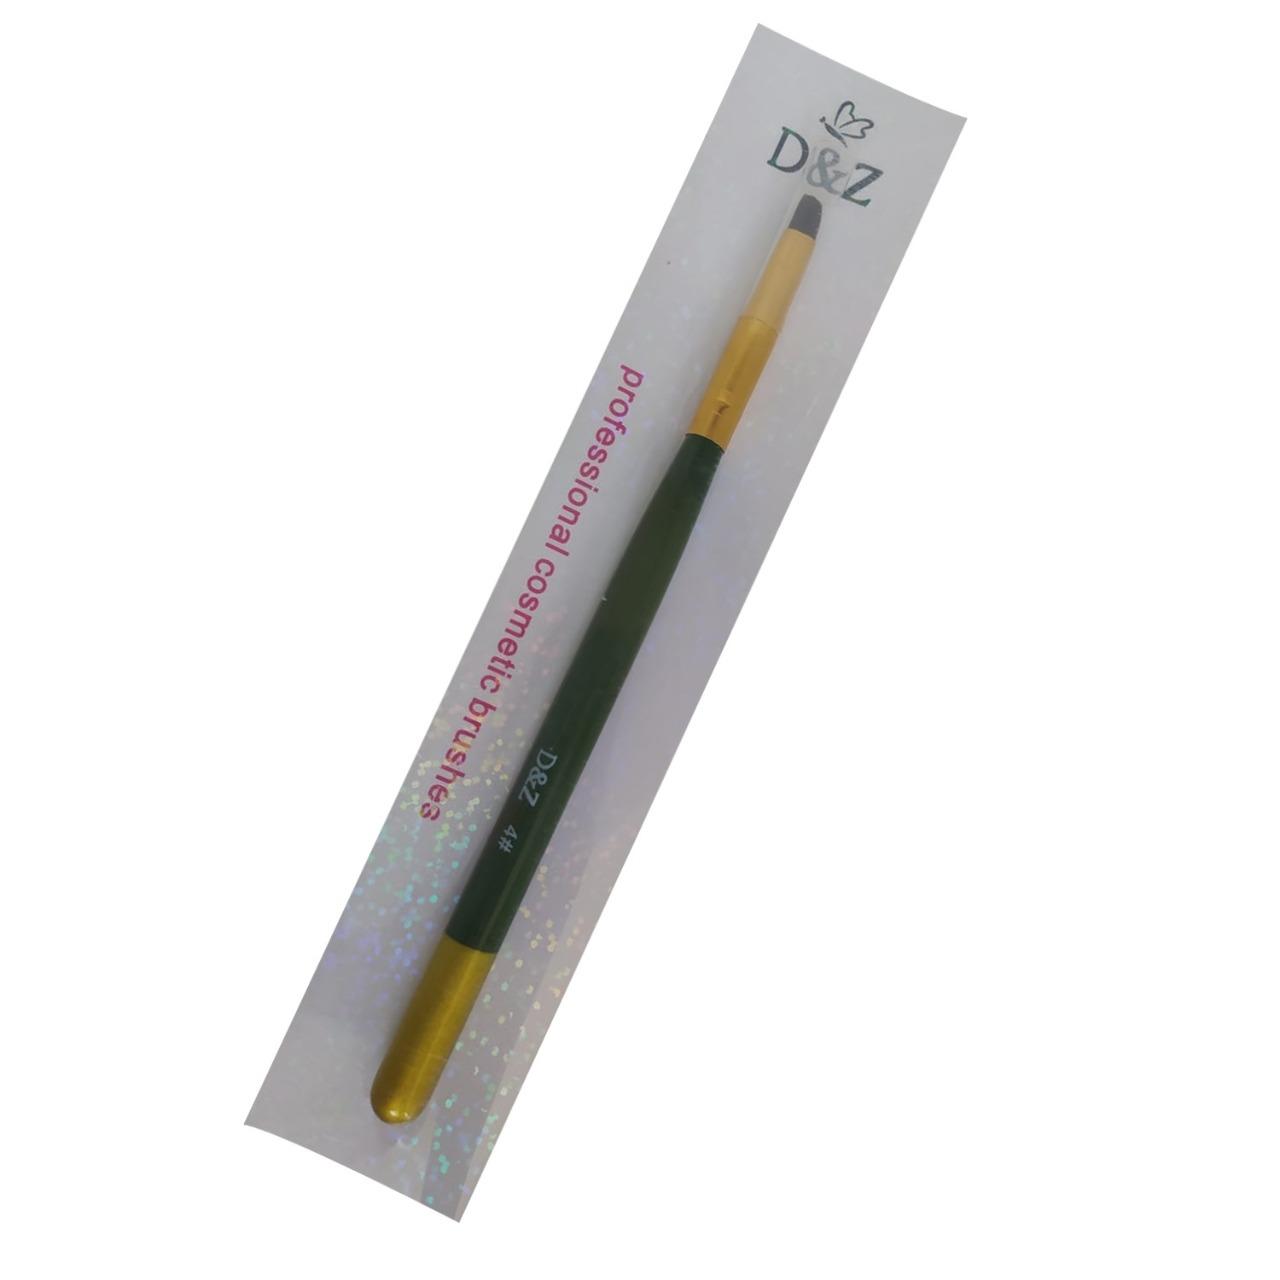 Pincel D&Z 4# Verde e Dourado - 1 unidade